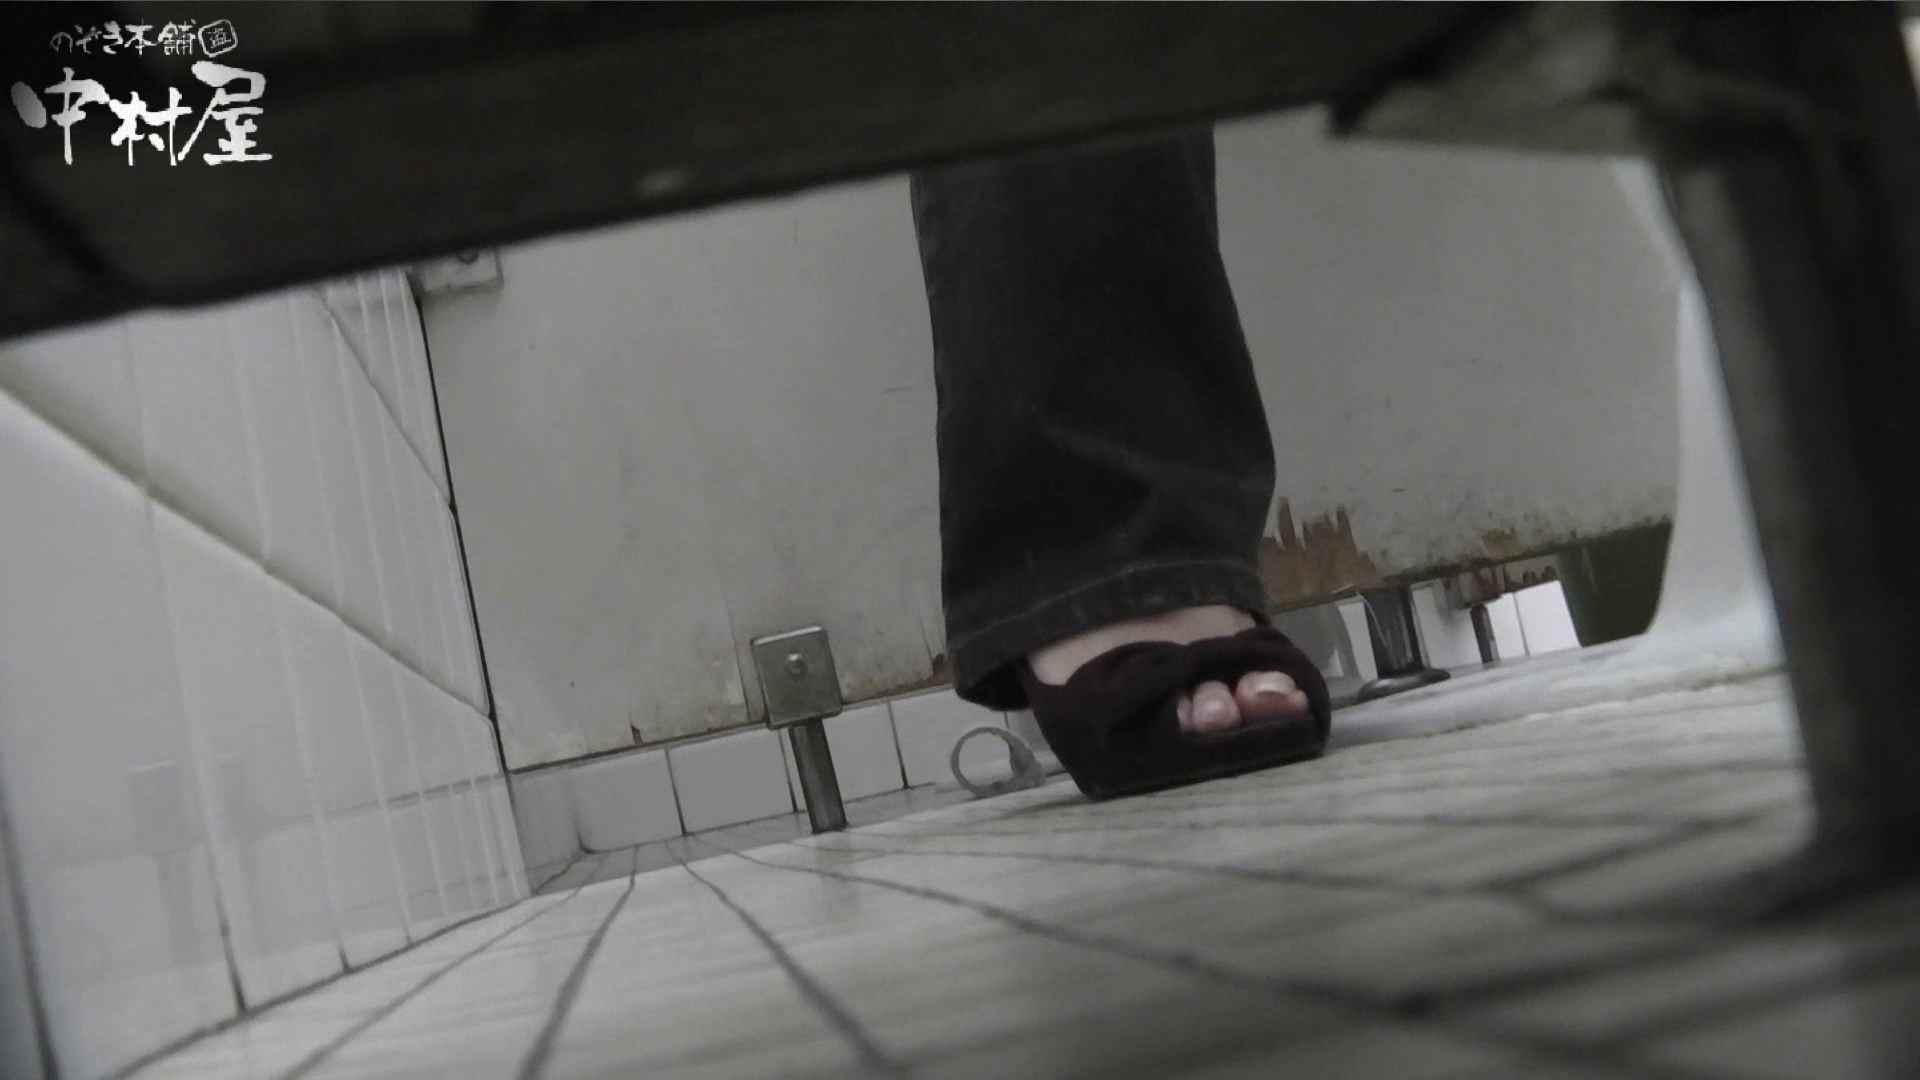 vol.21 命がけ潜伏洗面所! よ~く拭きましょう プライベート 盗撮動画紹介 97PIX 50